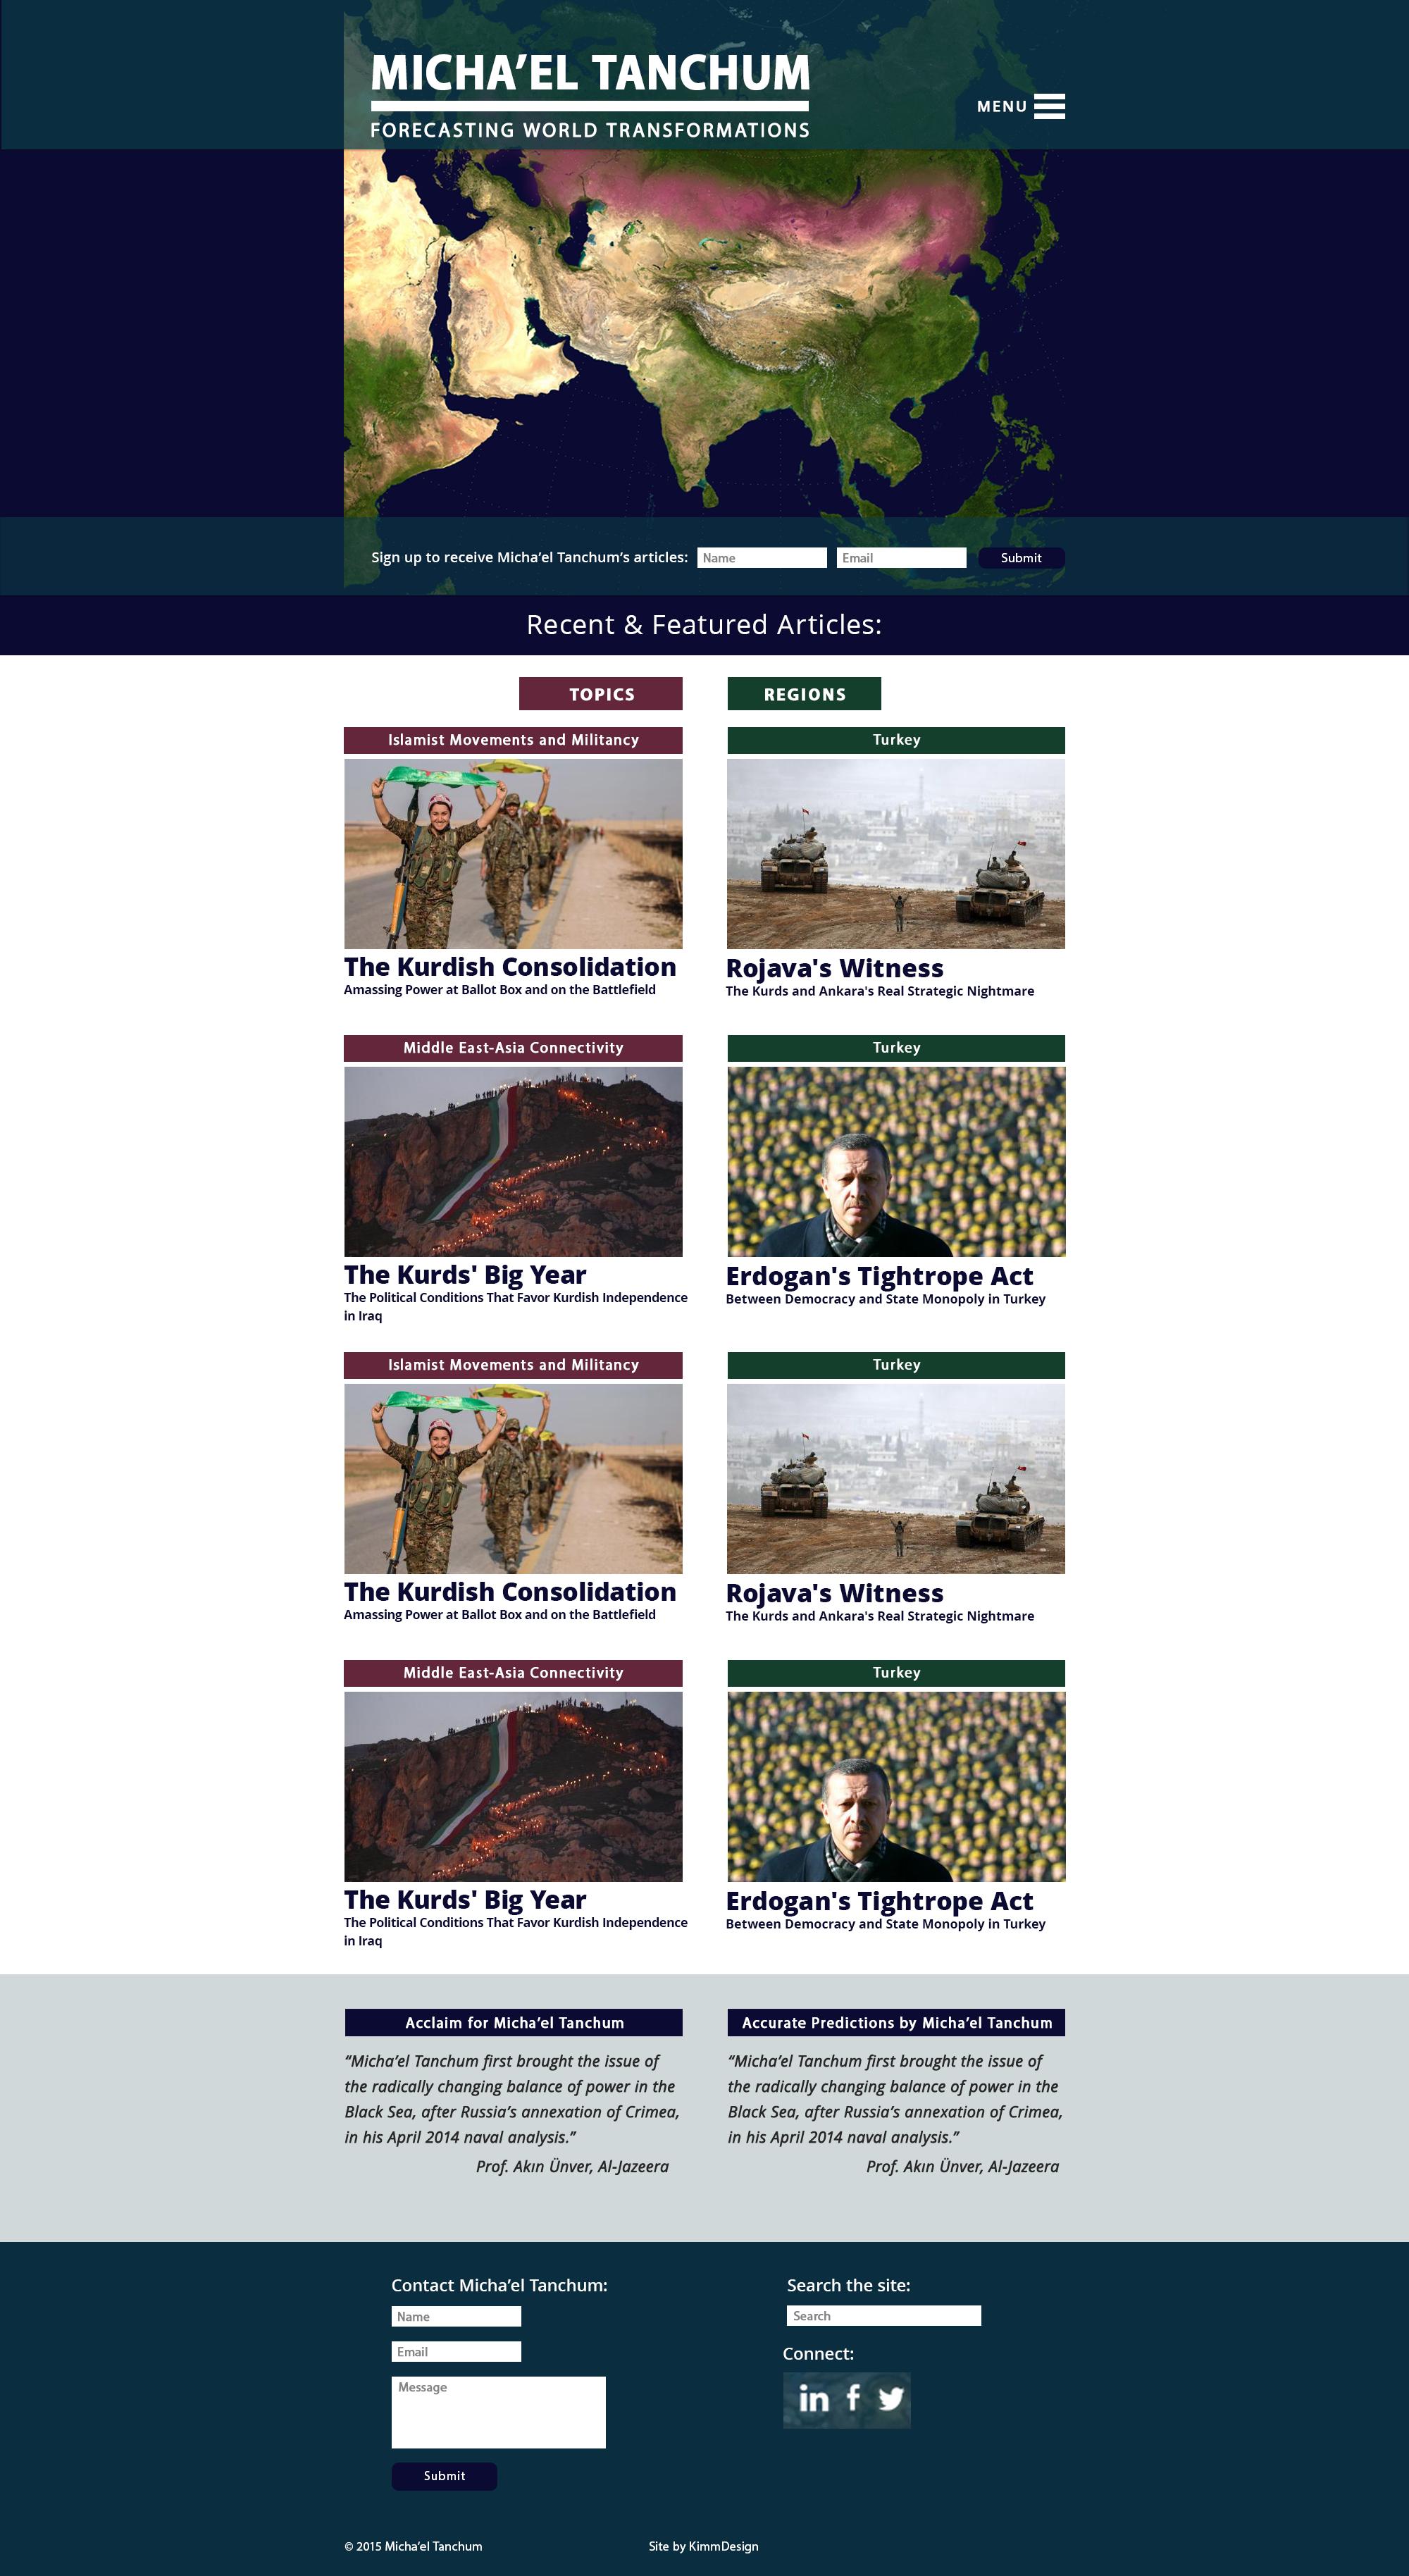 Micha'el Tanchum-image of home page design